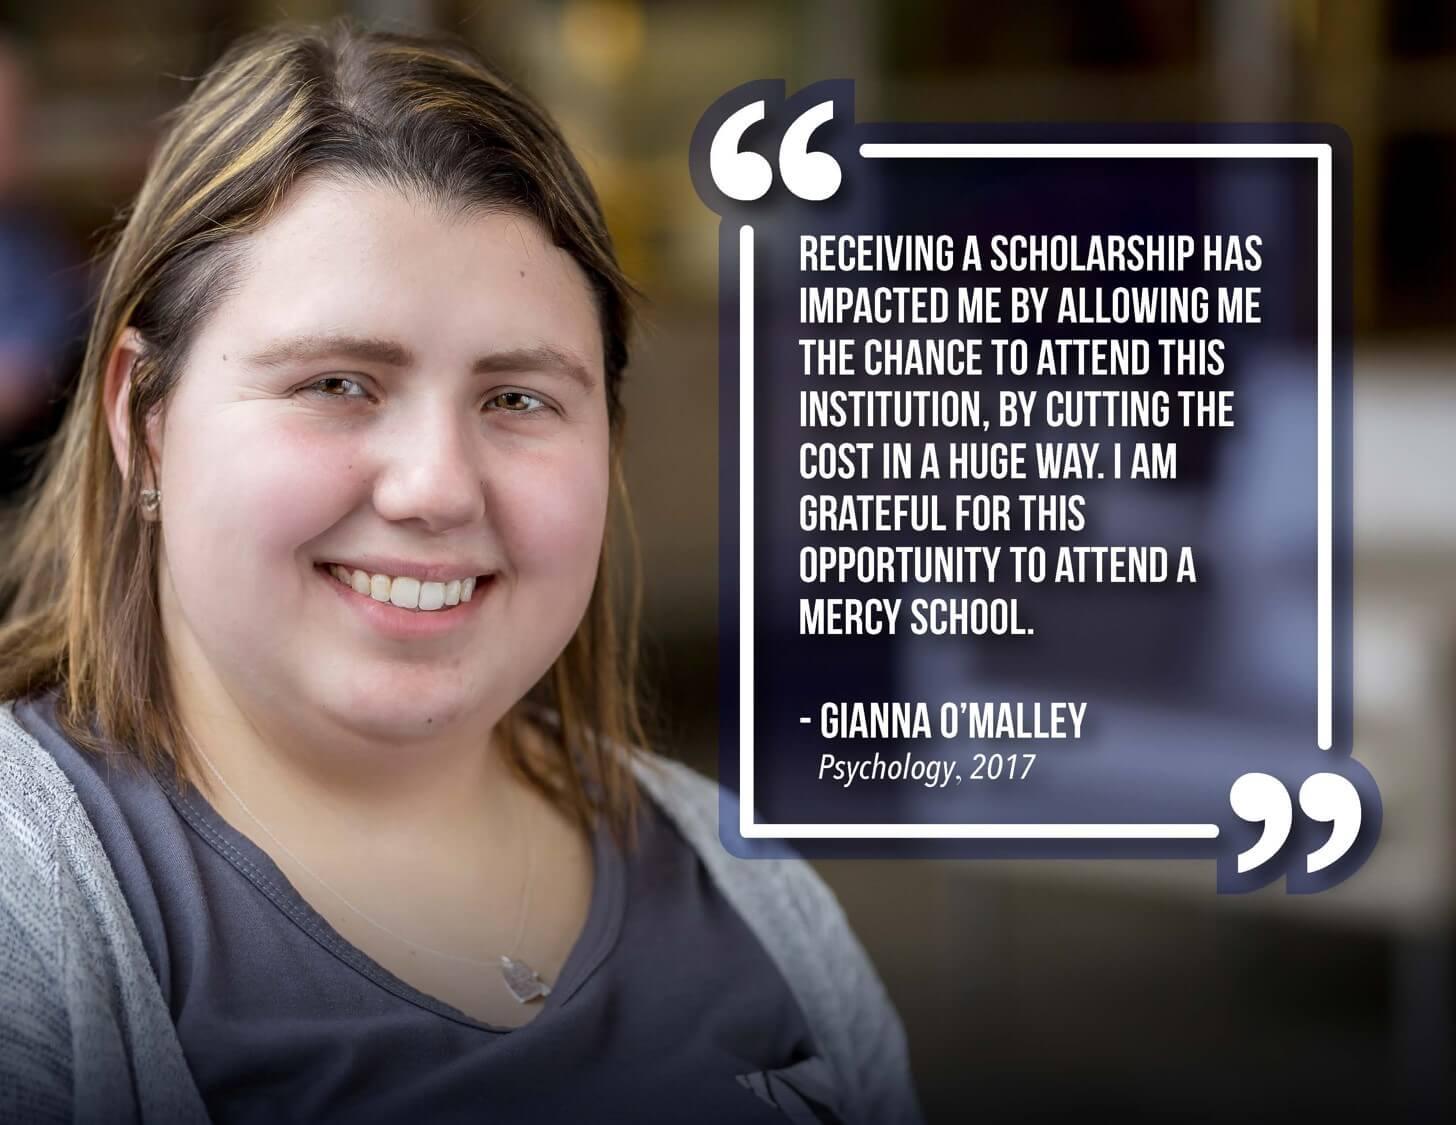 Gianna O'Malley